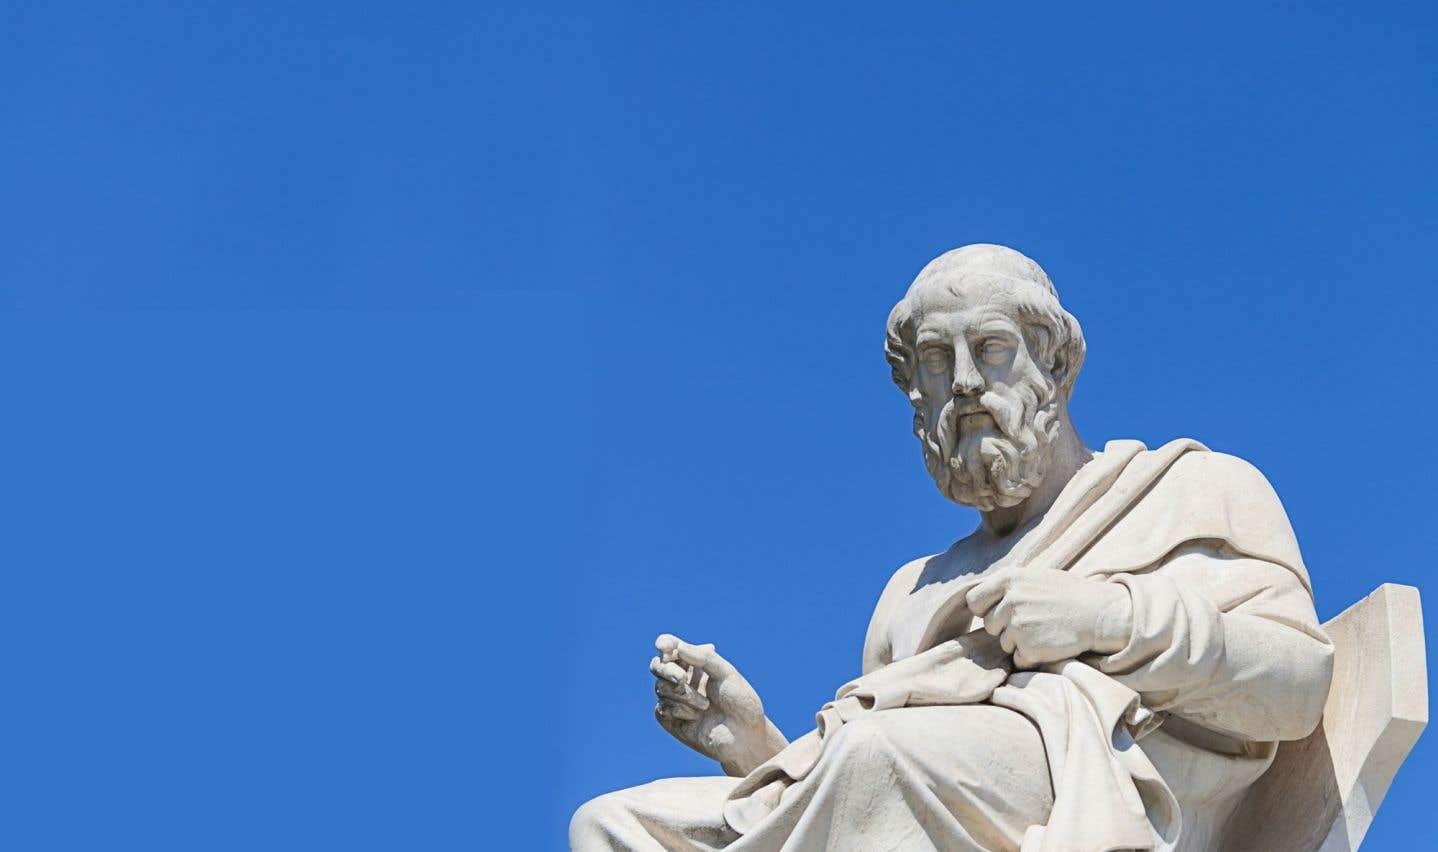 Avoir une religion rend-il meilleur?